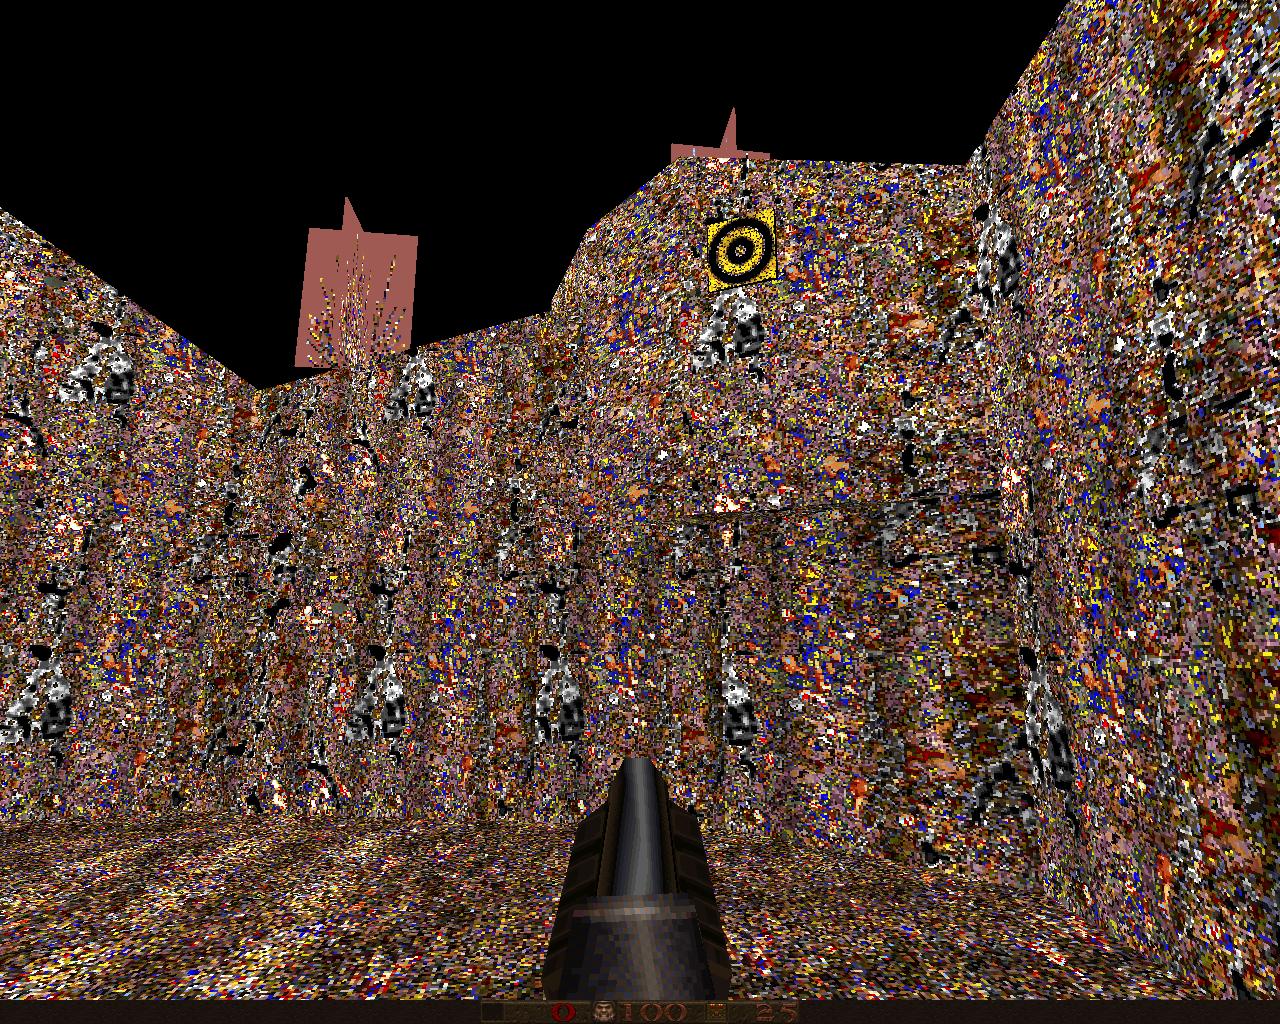 Карта из ХЛ в кваке - Quake